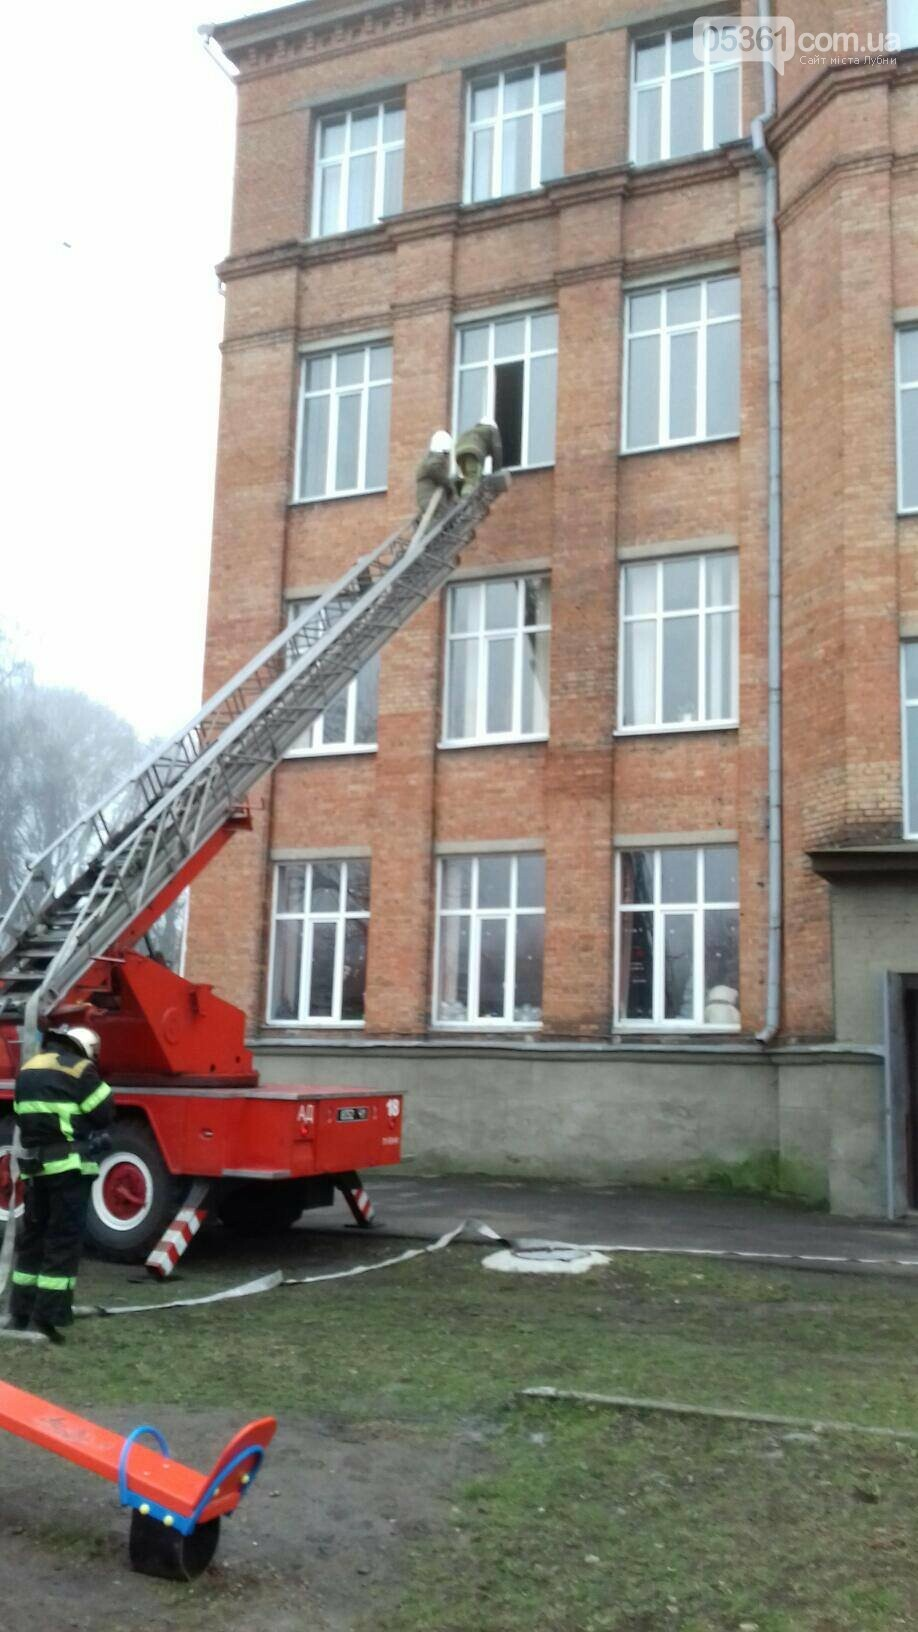 Профілактичні навчання з протипожежної безпеки в навчальних закладах Лубен та району, фото-3